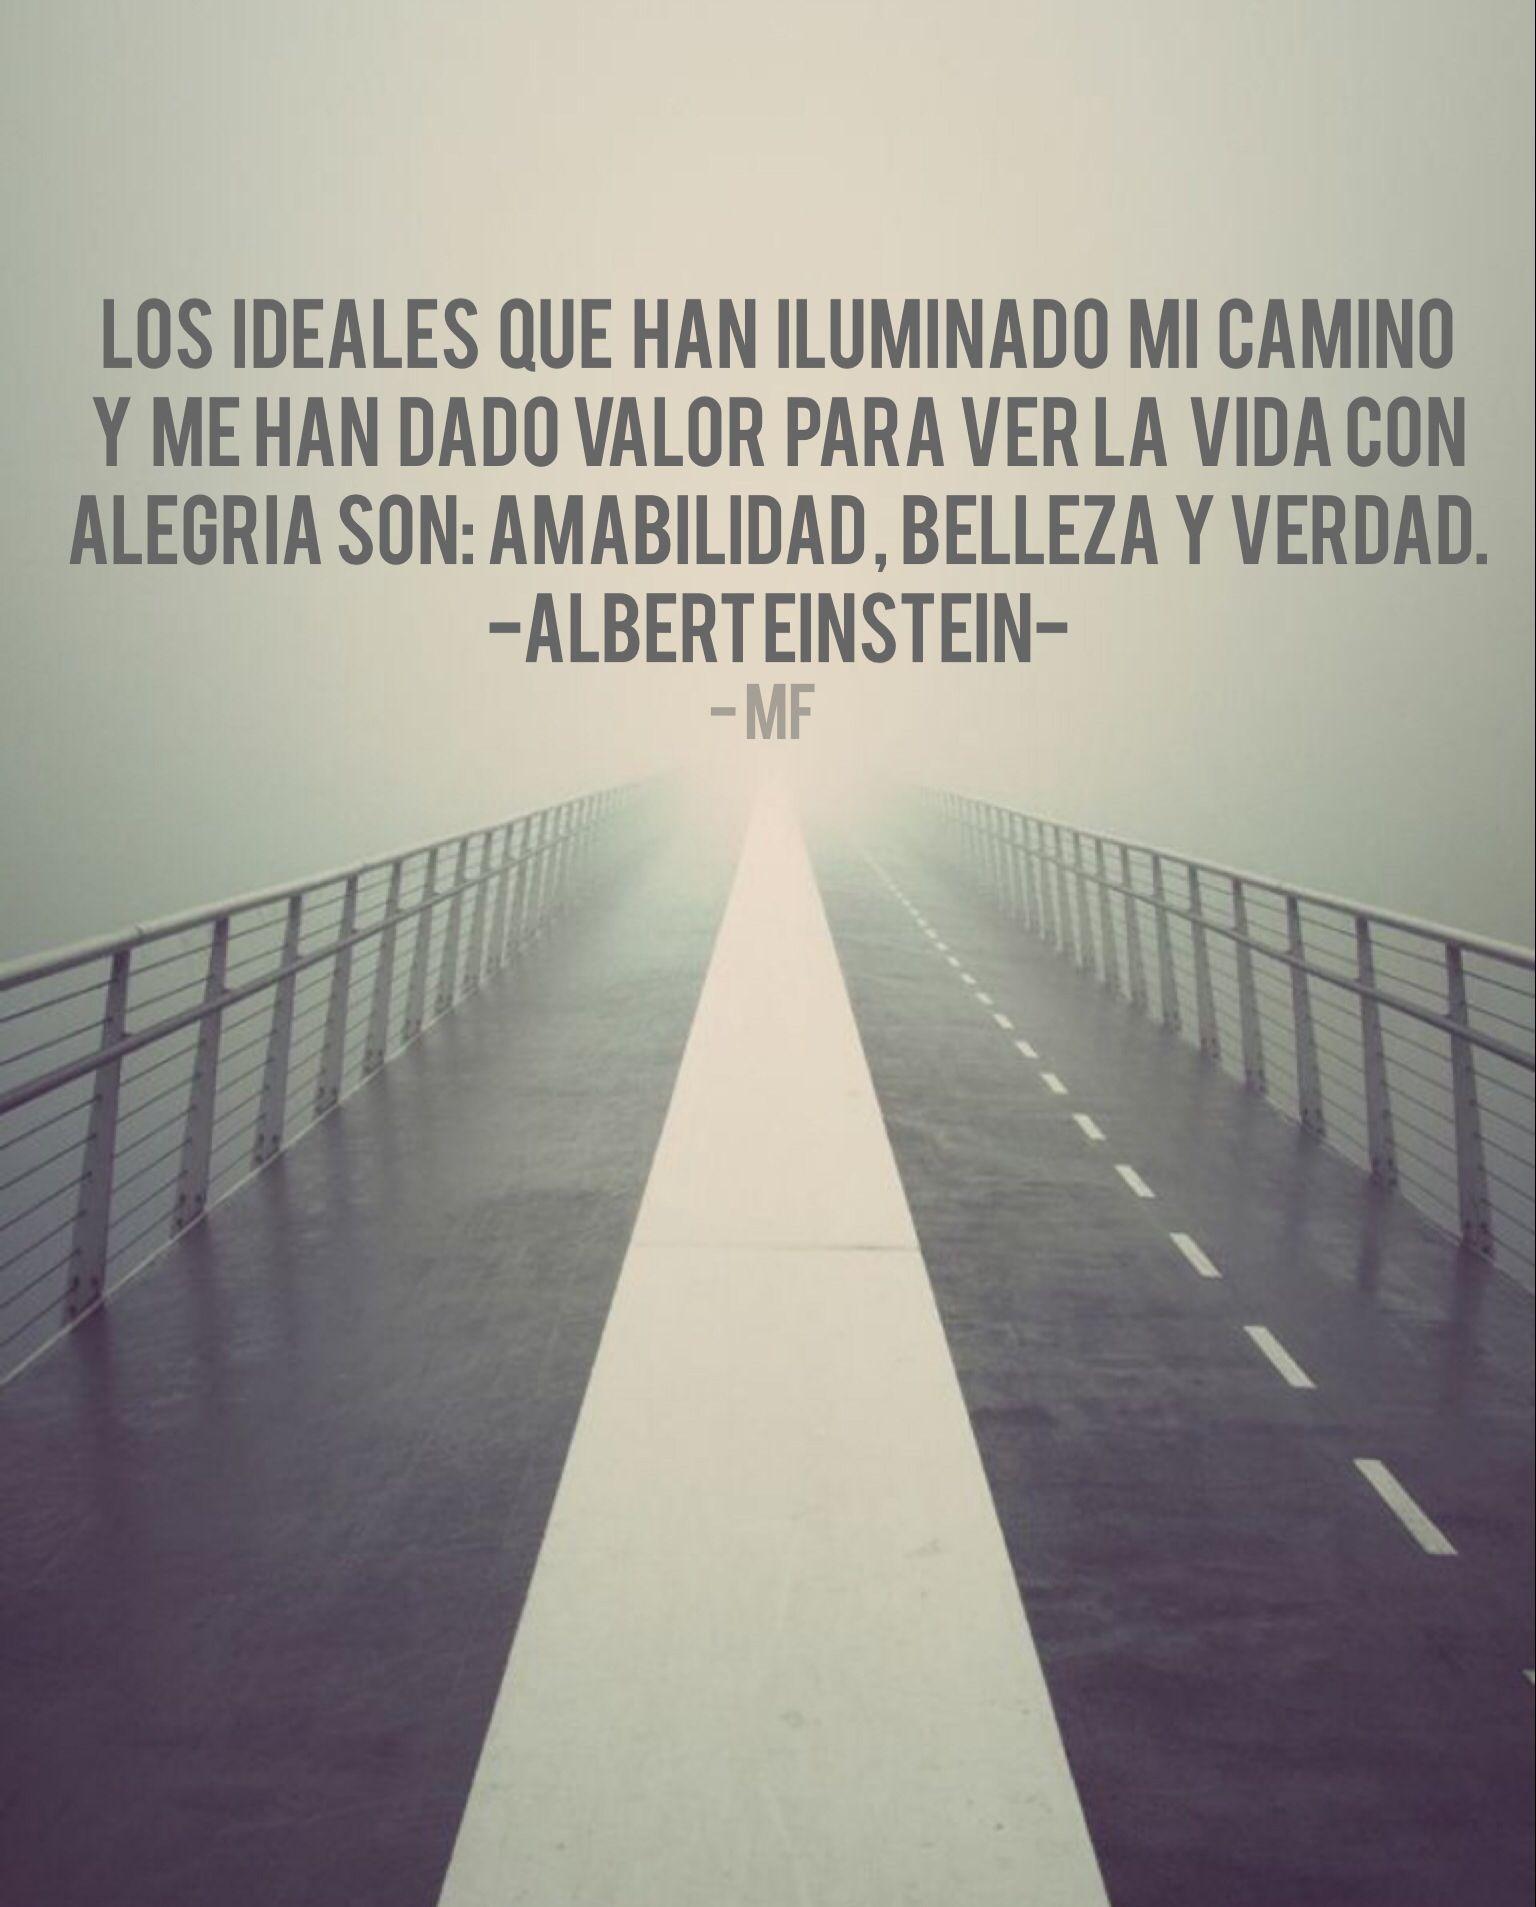 Los ideales que han iluminado mi camino y me han dado valor para ver la vida con alegría son : amabilidad, belleza y verdad. - Albert Einstein.